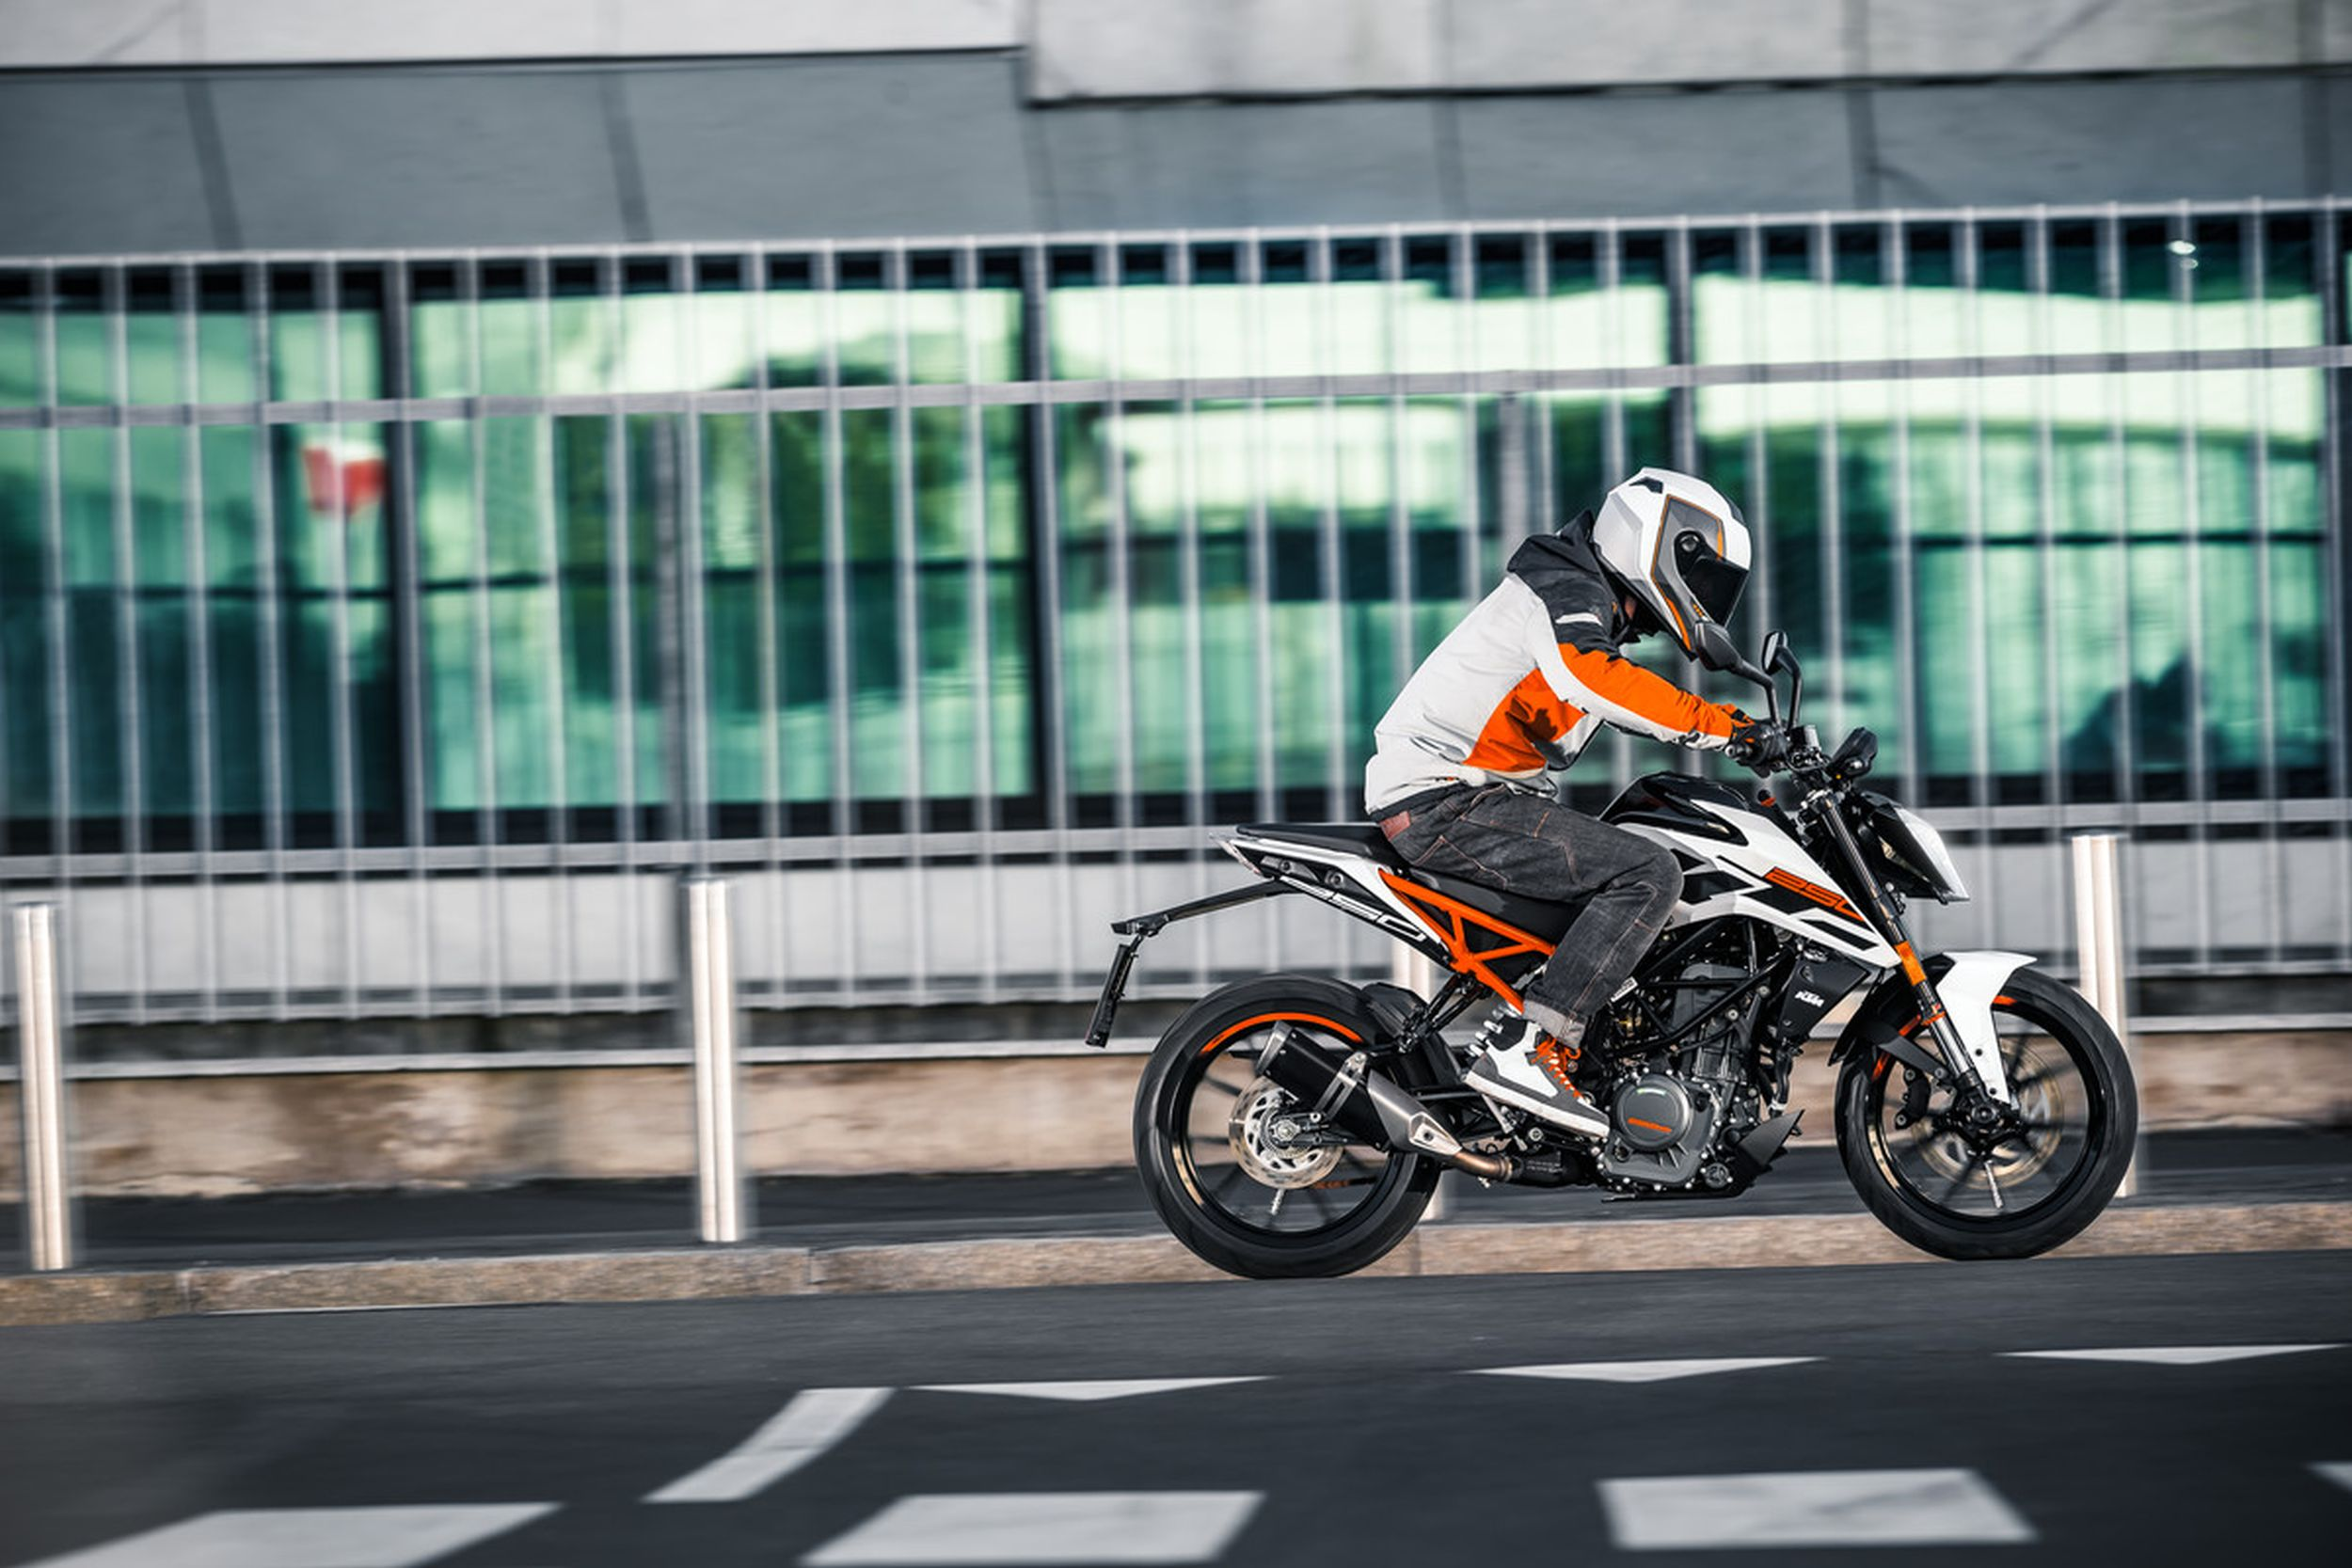 Ktm 790 Duke >> Gebrauchte und neue KTM 250 Duke Motorräder kaufen